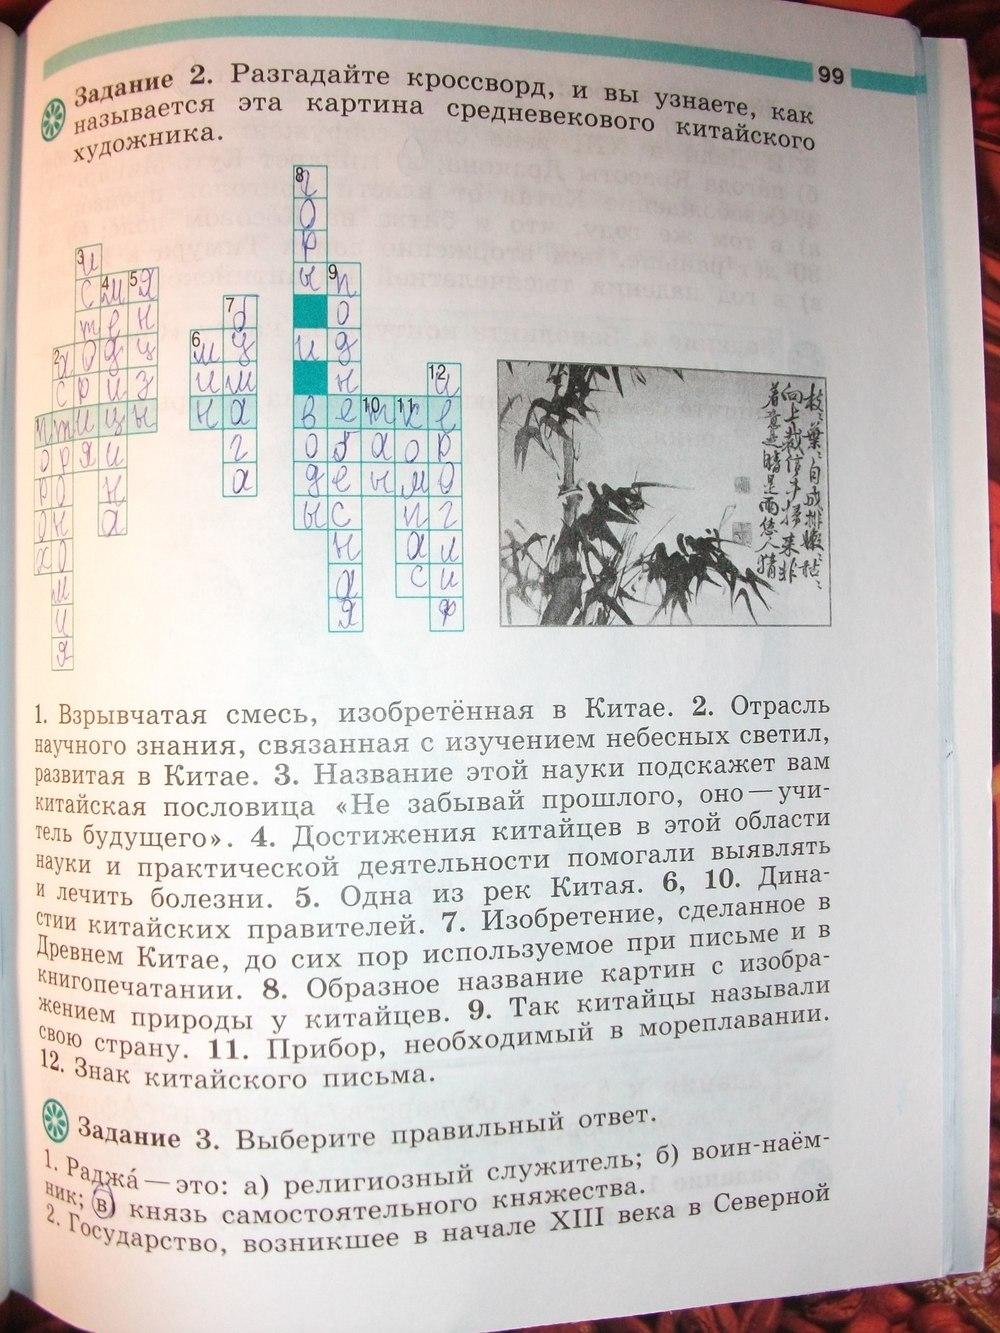 гдз по истории средних веков 6 класс учебник в.а ведюшкина